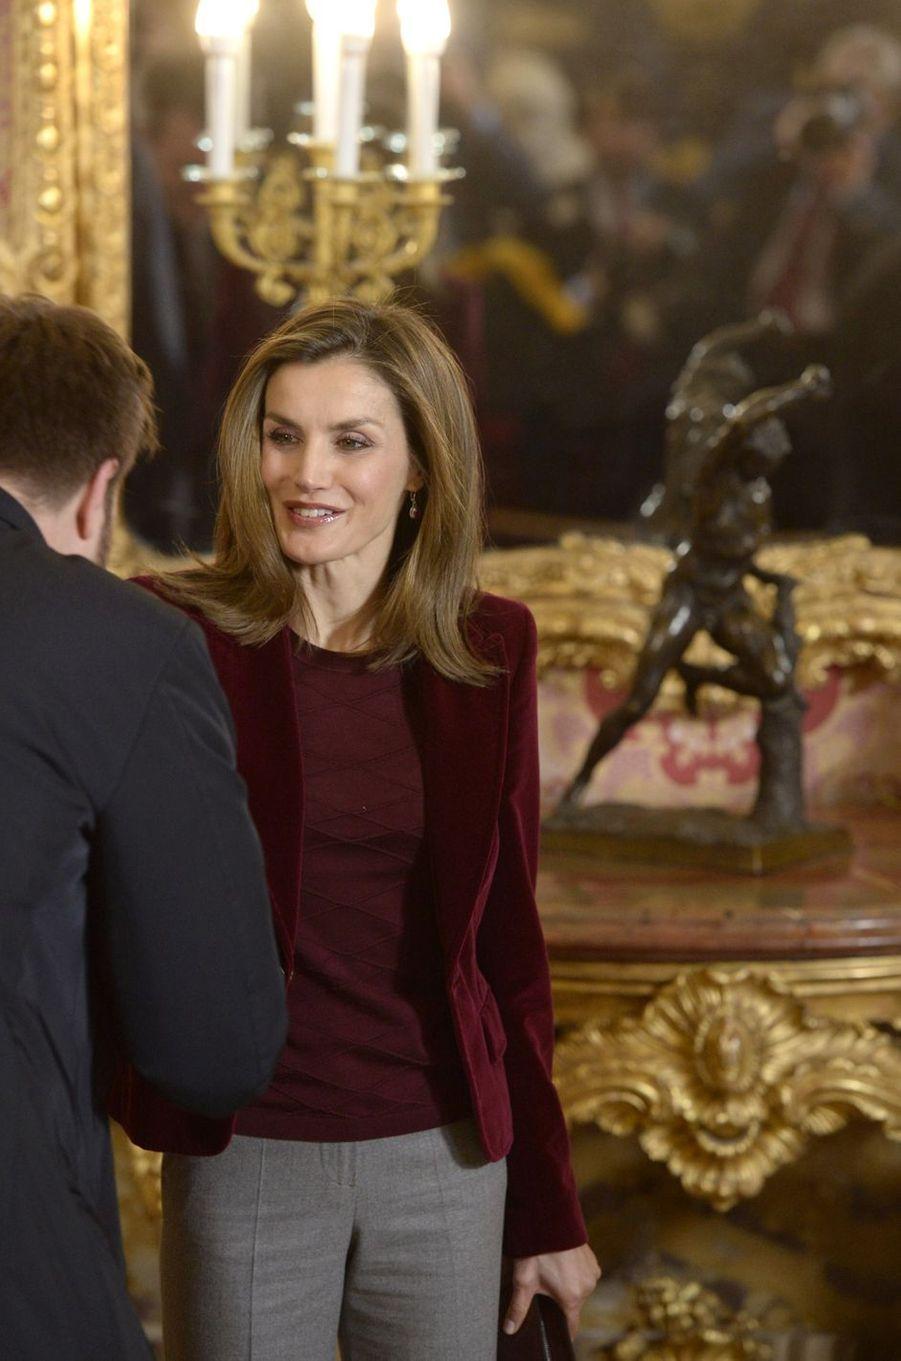 La reine Letizia d'Espagne au Palais royal à Madrid, le 14 décembre 2016